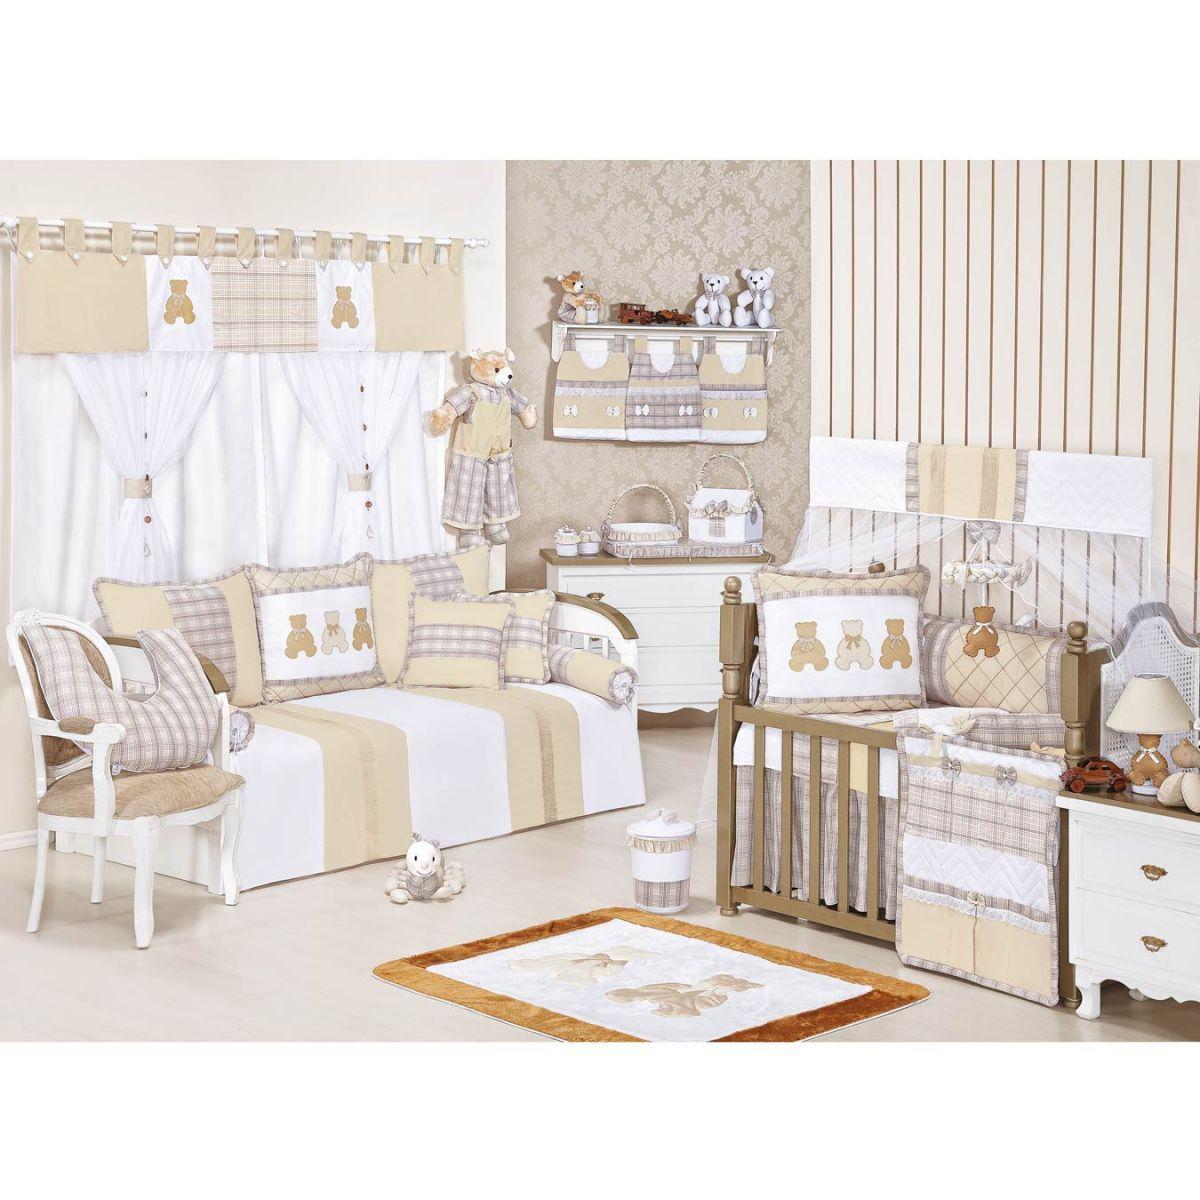 Tapete para Quarto de Bebê de Pelúcia Coleção Bears - Caqui